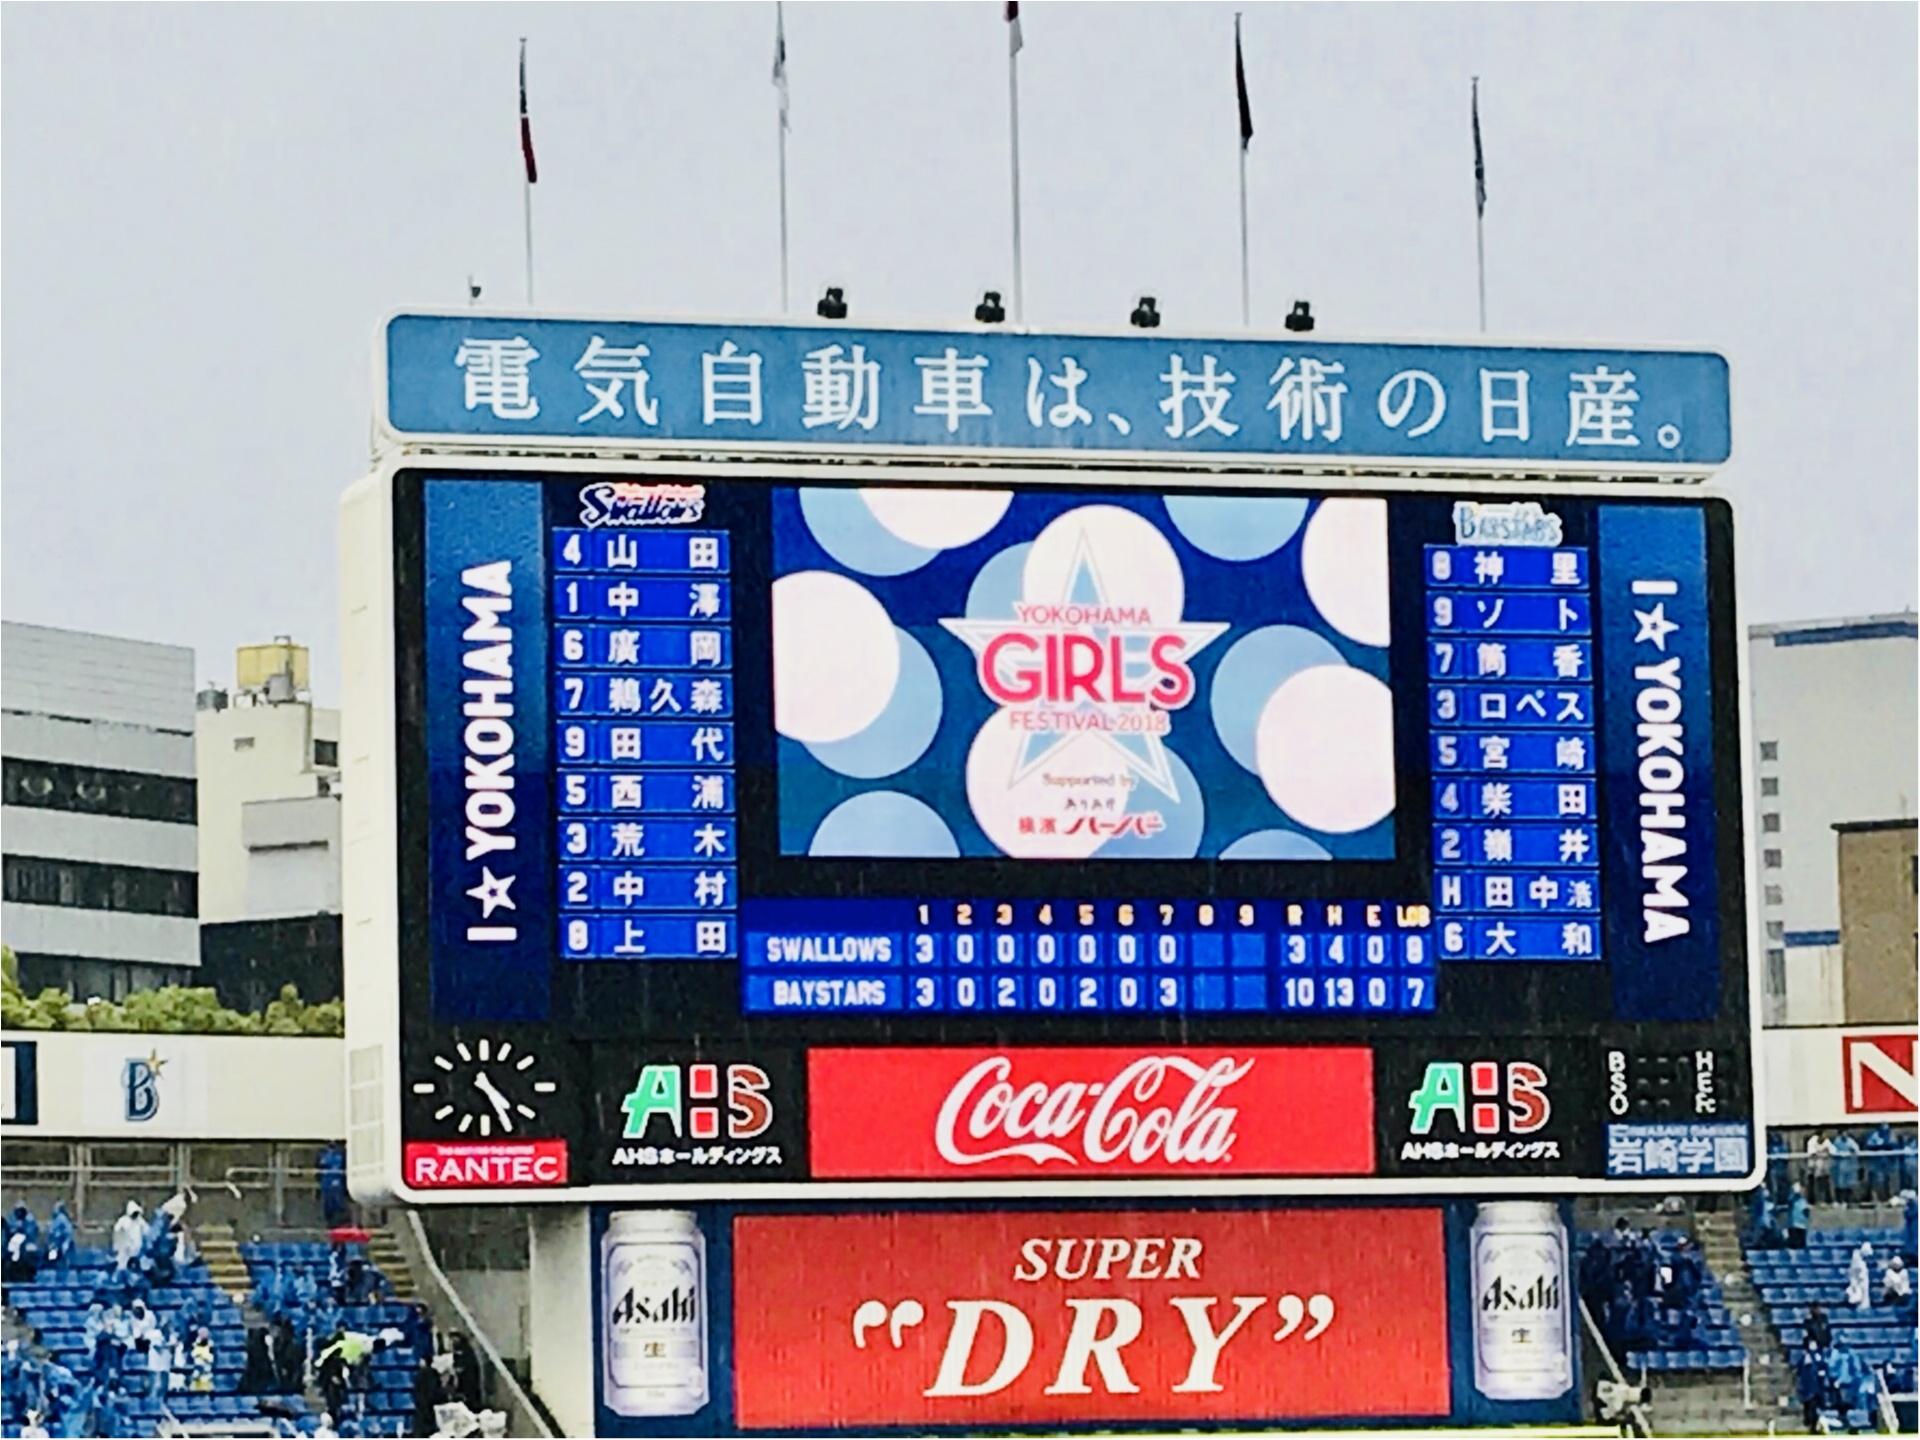 """【プロ野球観戦】\横浜優勝/もっとお洒落に野球を楽しみたい!""""大人GIRL""""笑顔が輝く3日間★《ヨコハマガールズフェスティバル》に行ってきました♡♡_2"""